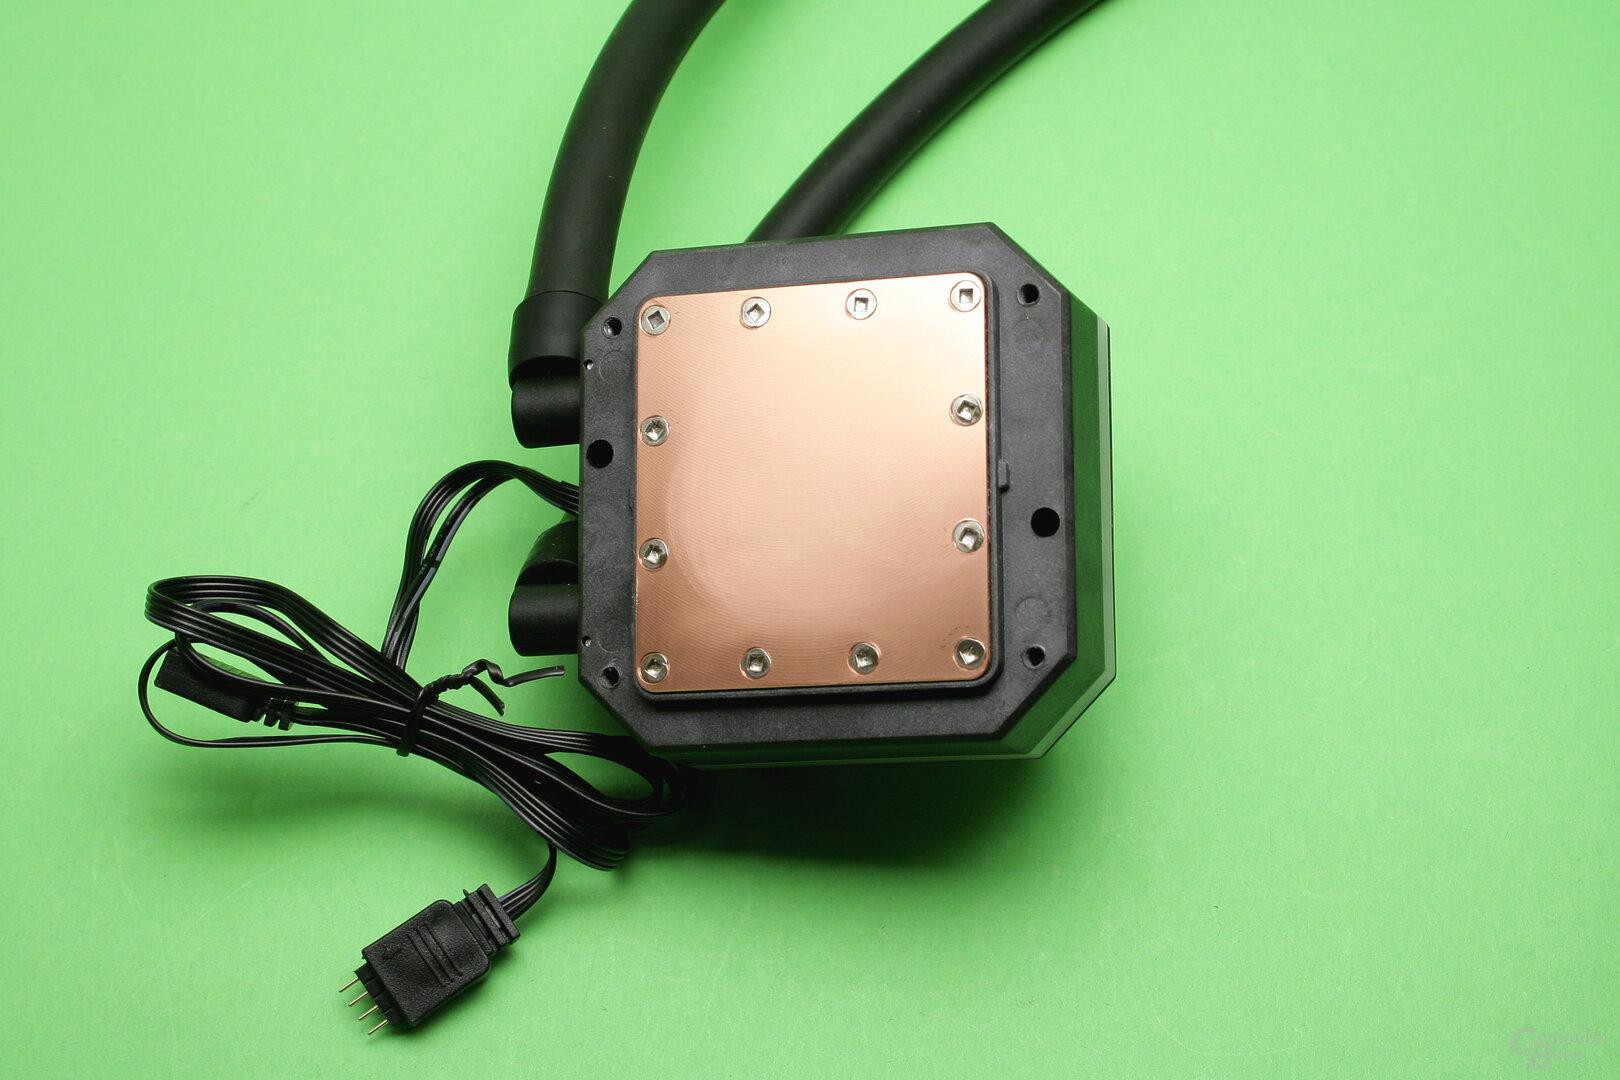 SilentiumPC Navis 280 RGB: Unterseite der Kühler-/Pumpeneinheit